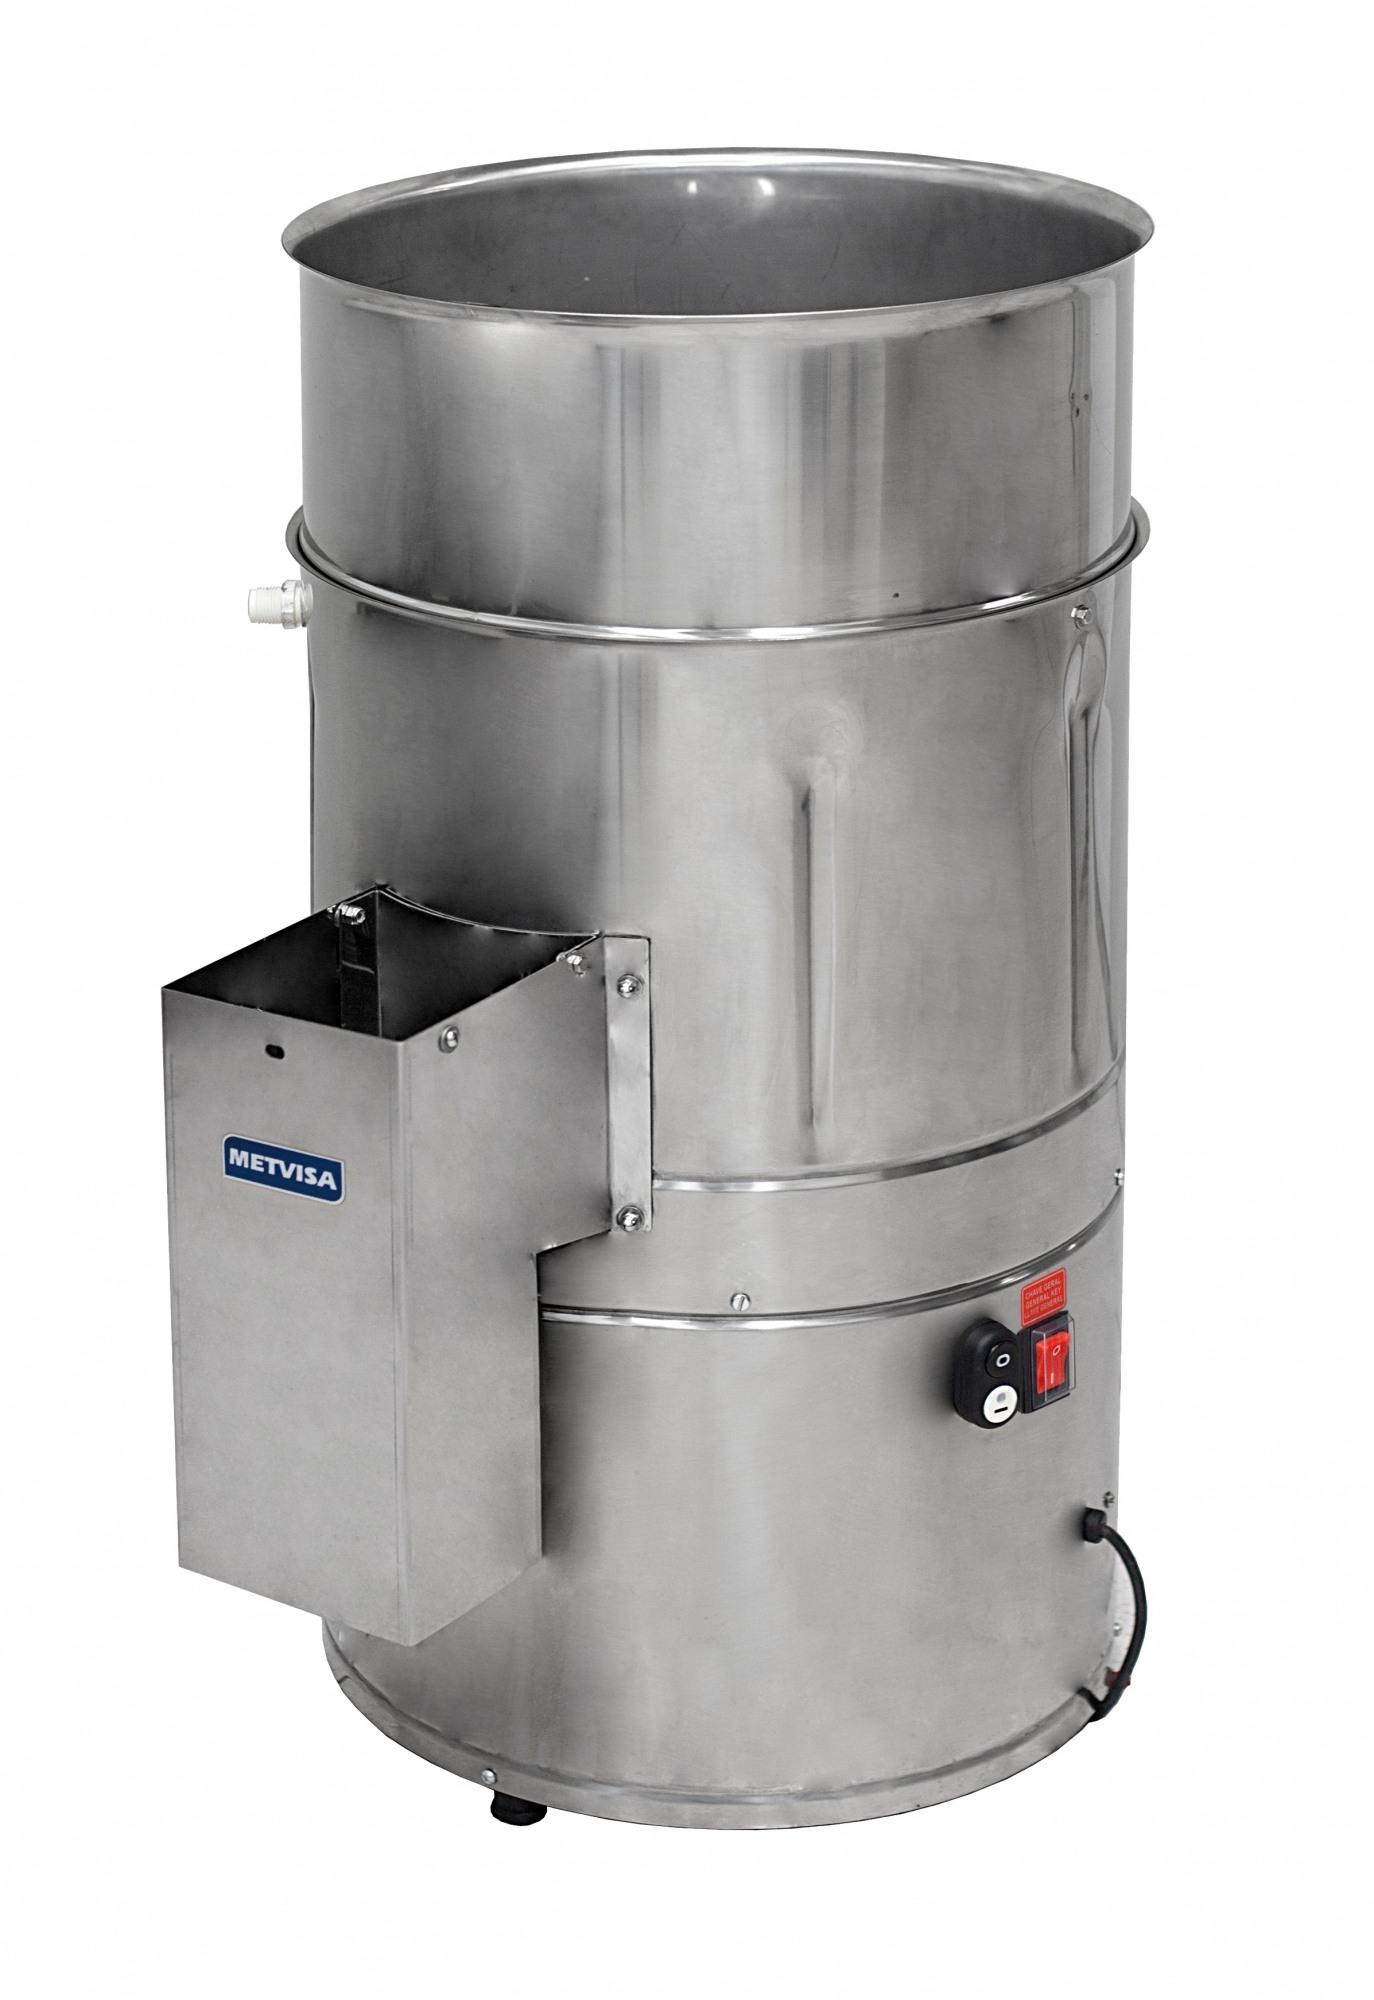 Descascador de Batatas 10KG Metvisa - DB10